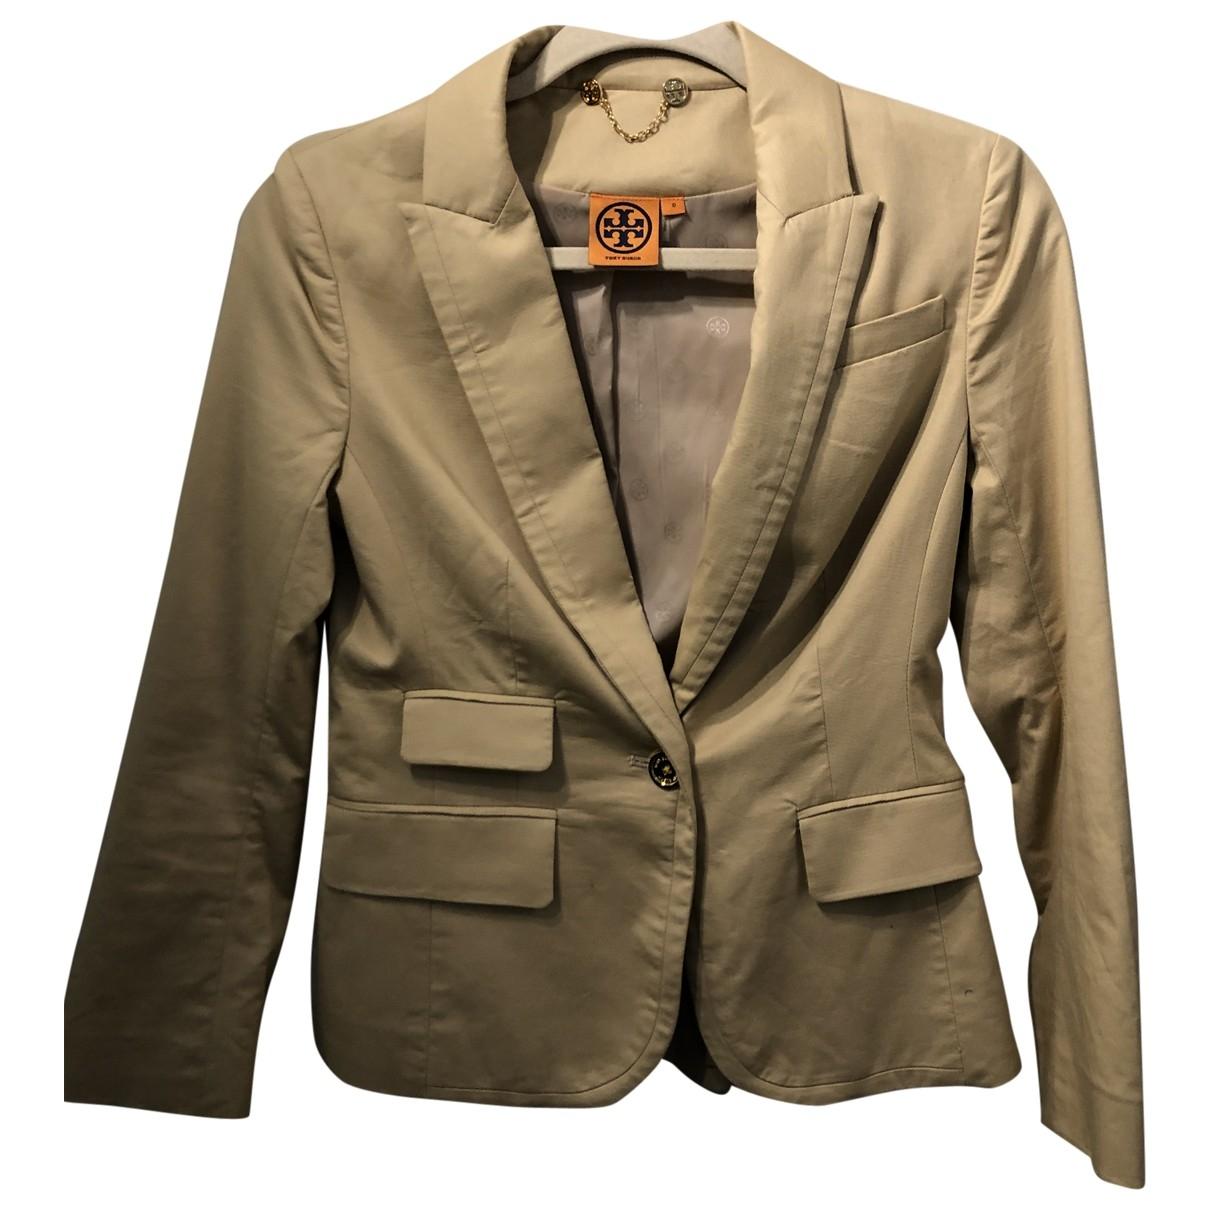 Tory Burch \N Beige Cotton jacket for Women 1 US